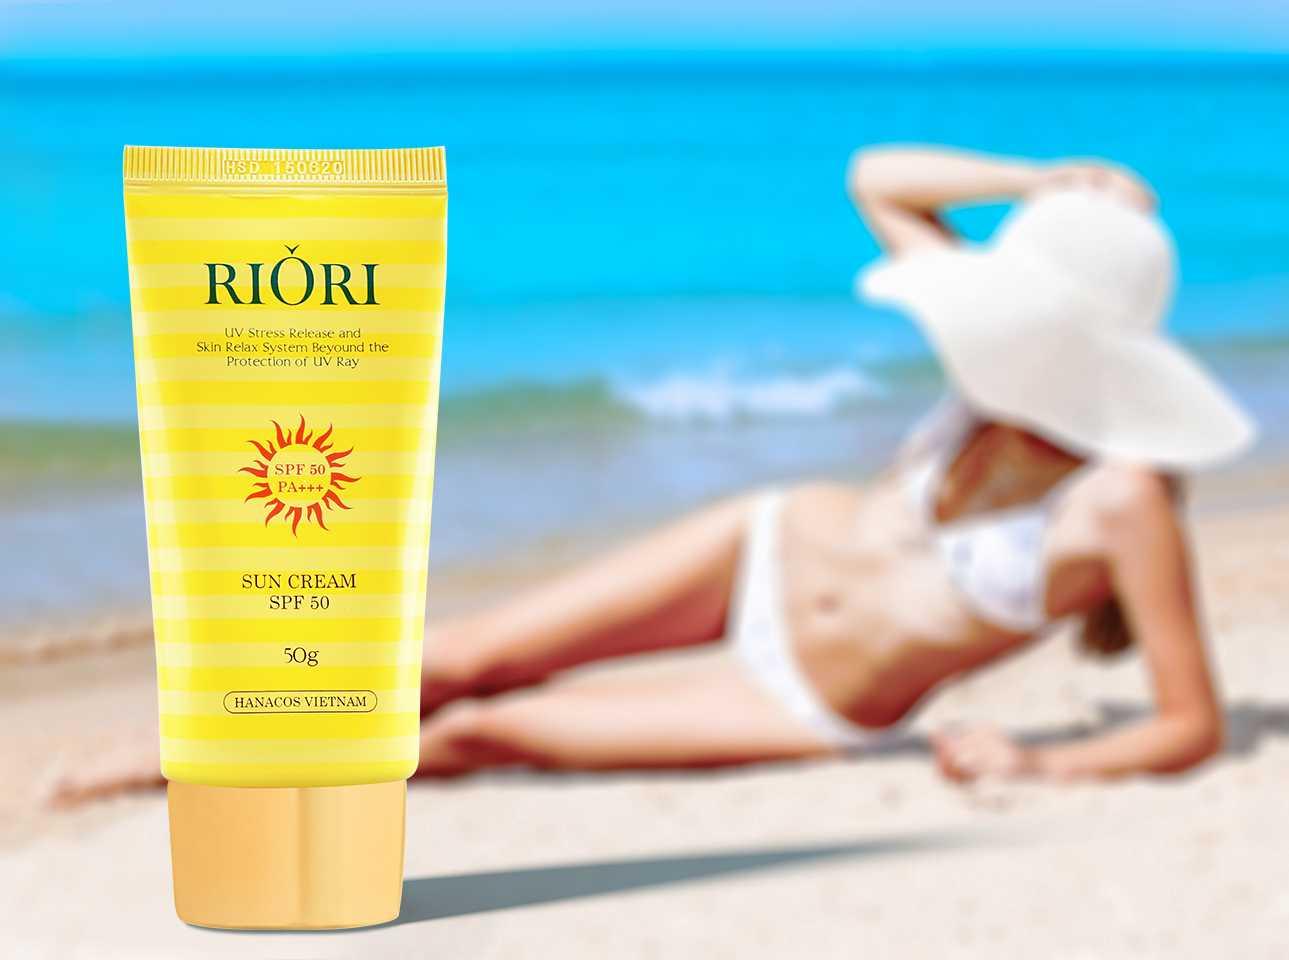 Với ưu điểm giữ trên da lâu nên kem chống nắng Riori Sun Cream rất thích hợp đi biển hay đi bơi